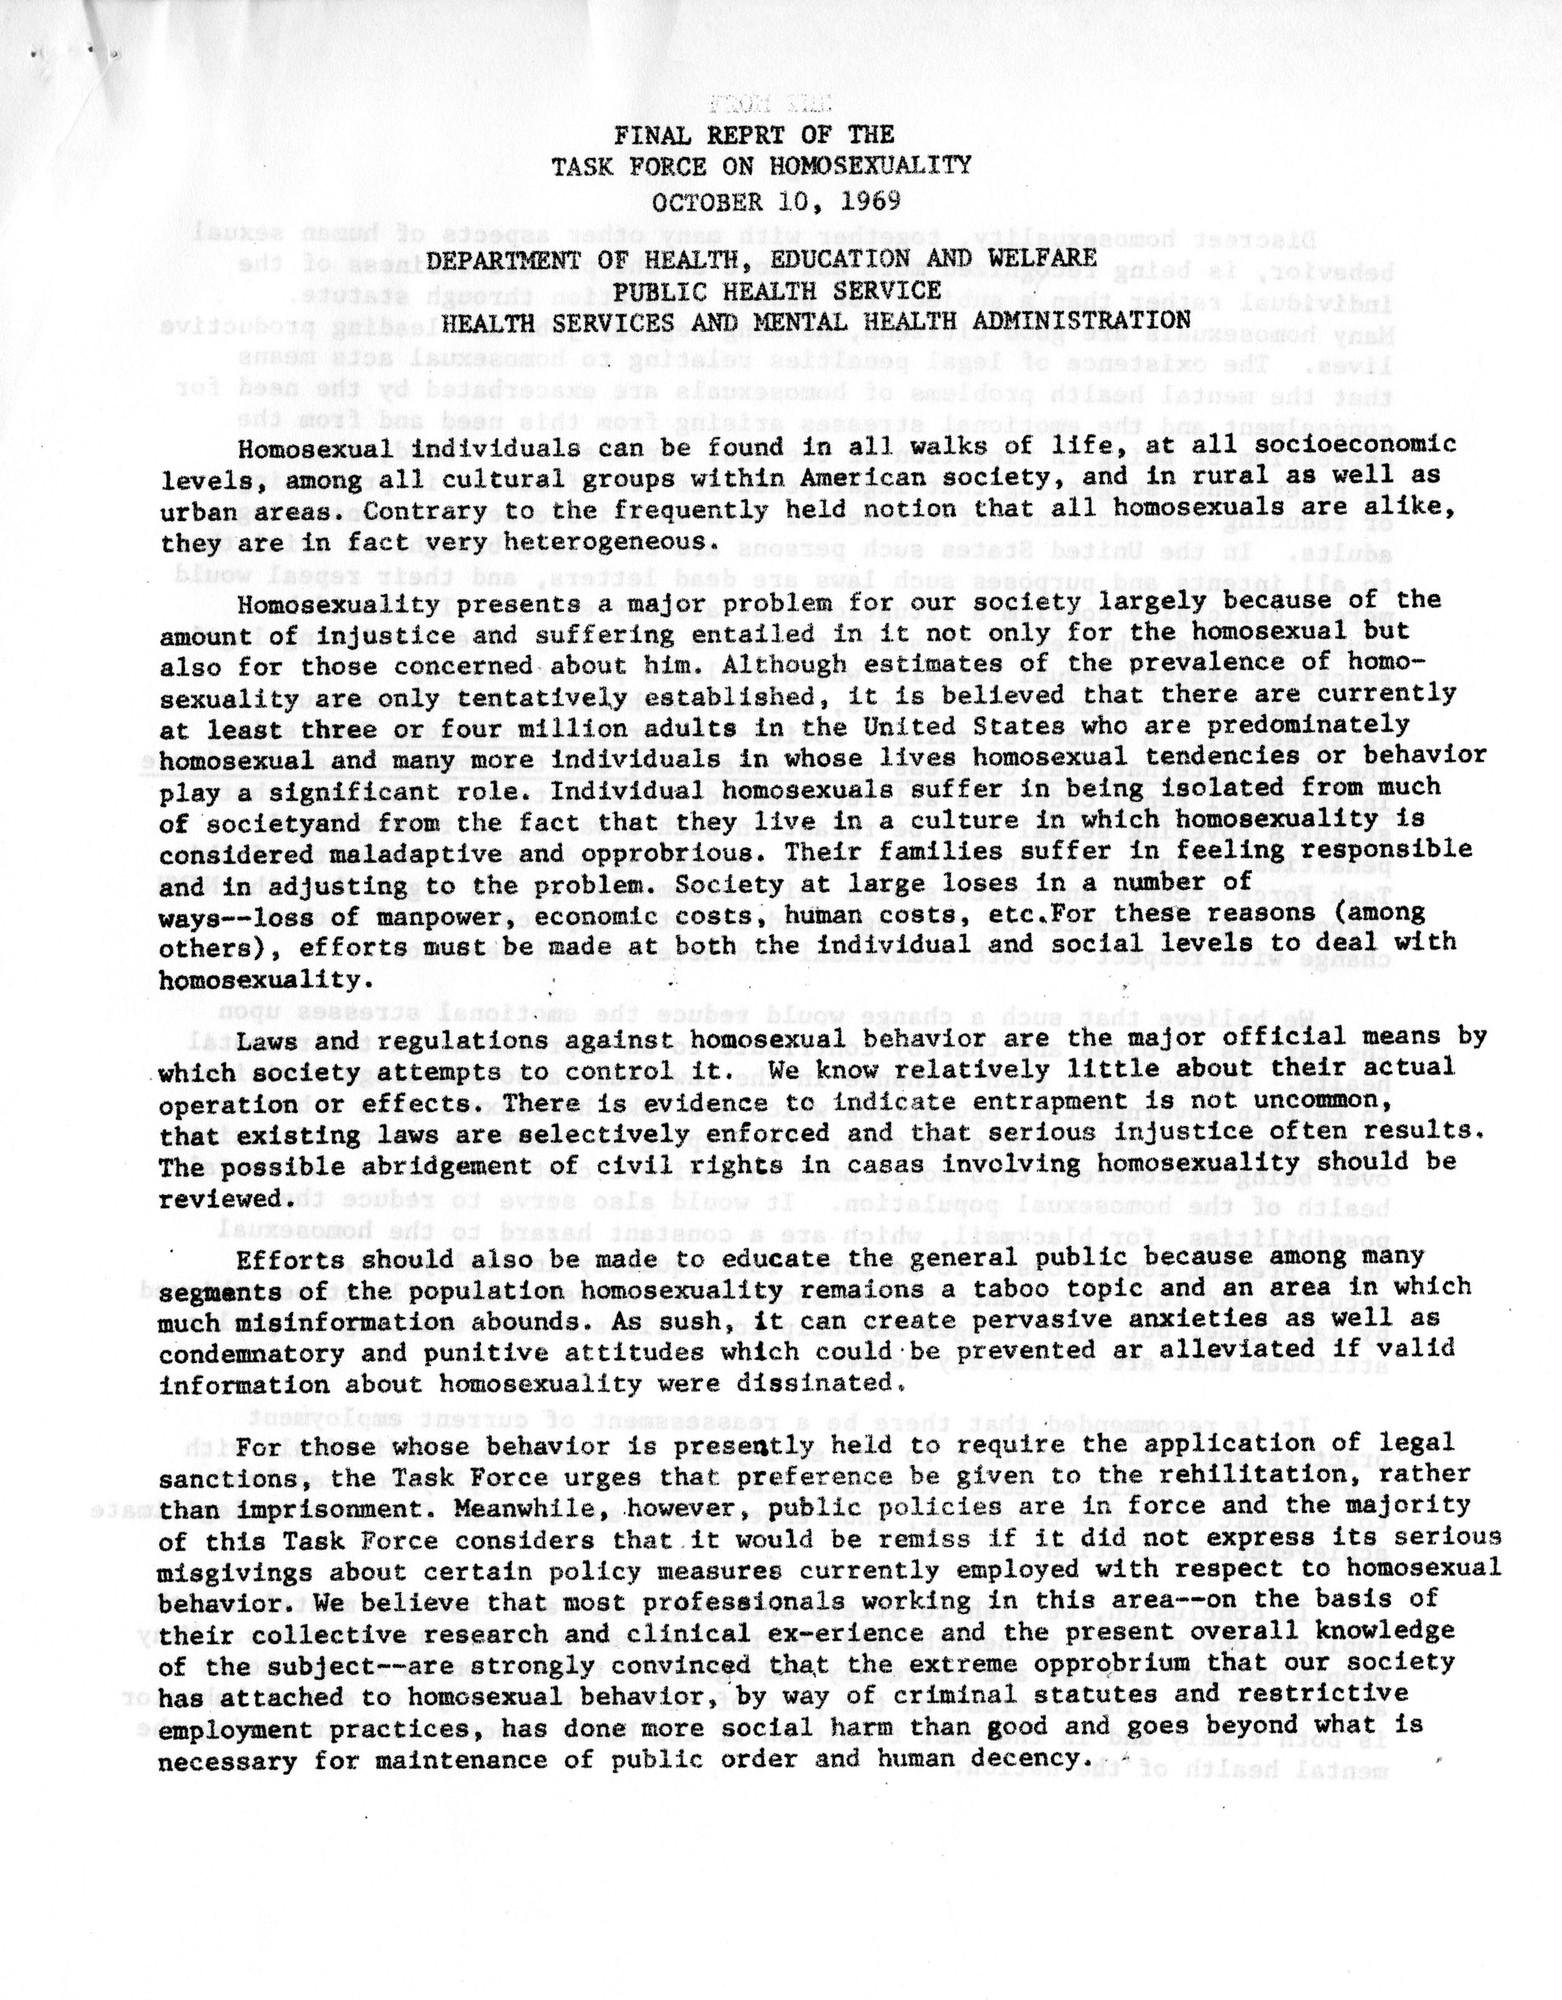 RG_4_2_McKeeferyWilliam_Records_B19_F766_1969_1010a.jpg